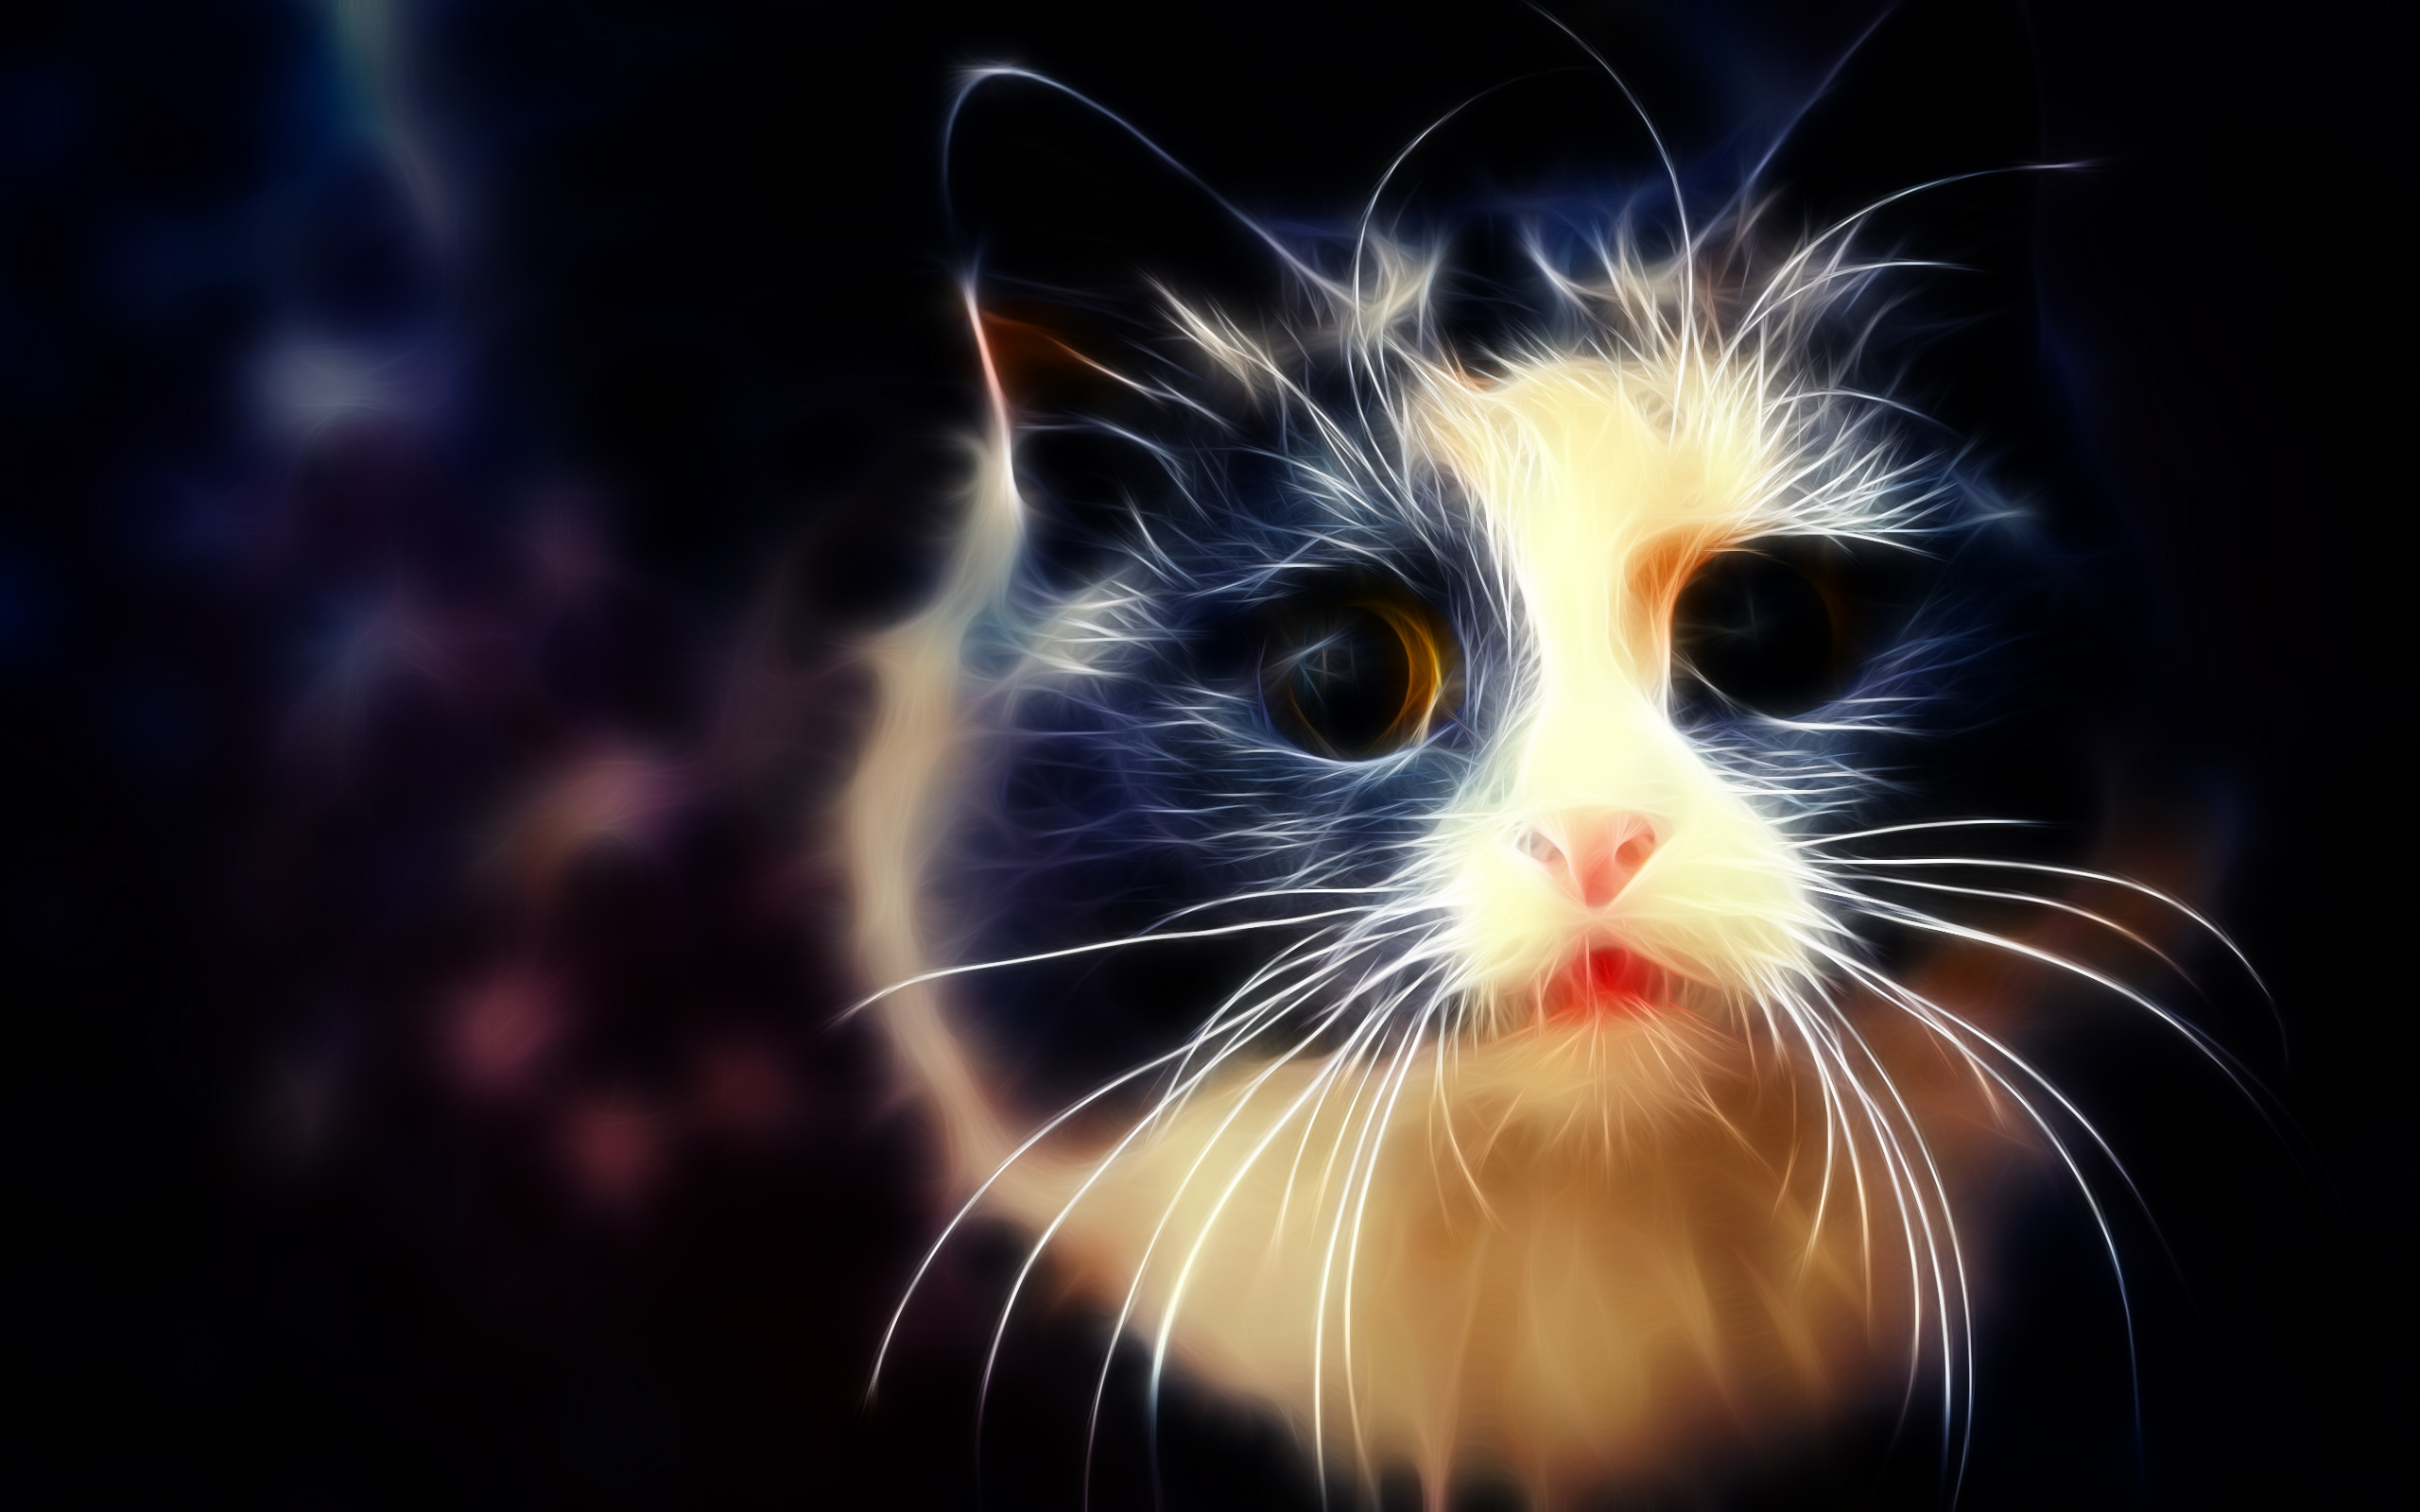 White And Black Cat Wallpaper By Ghostkyller On Deviantart